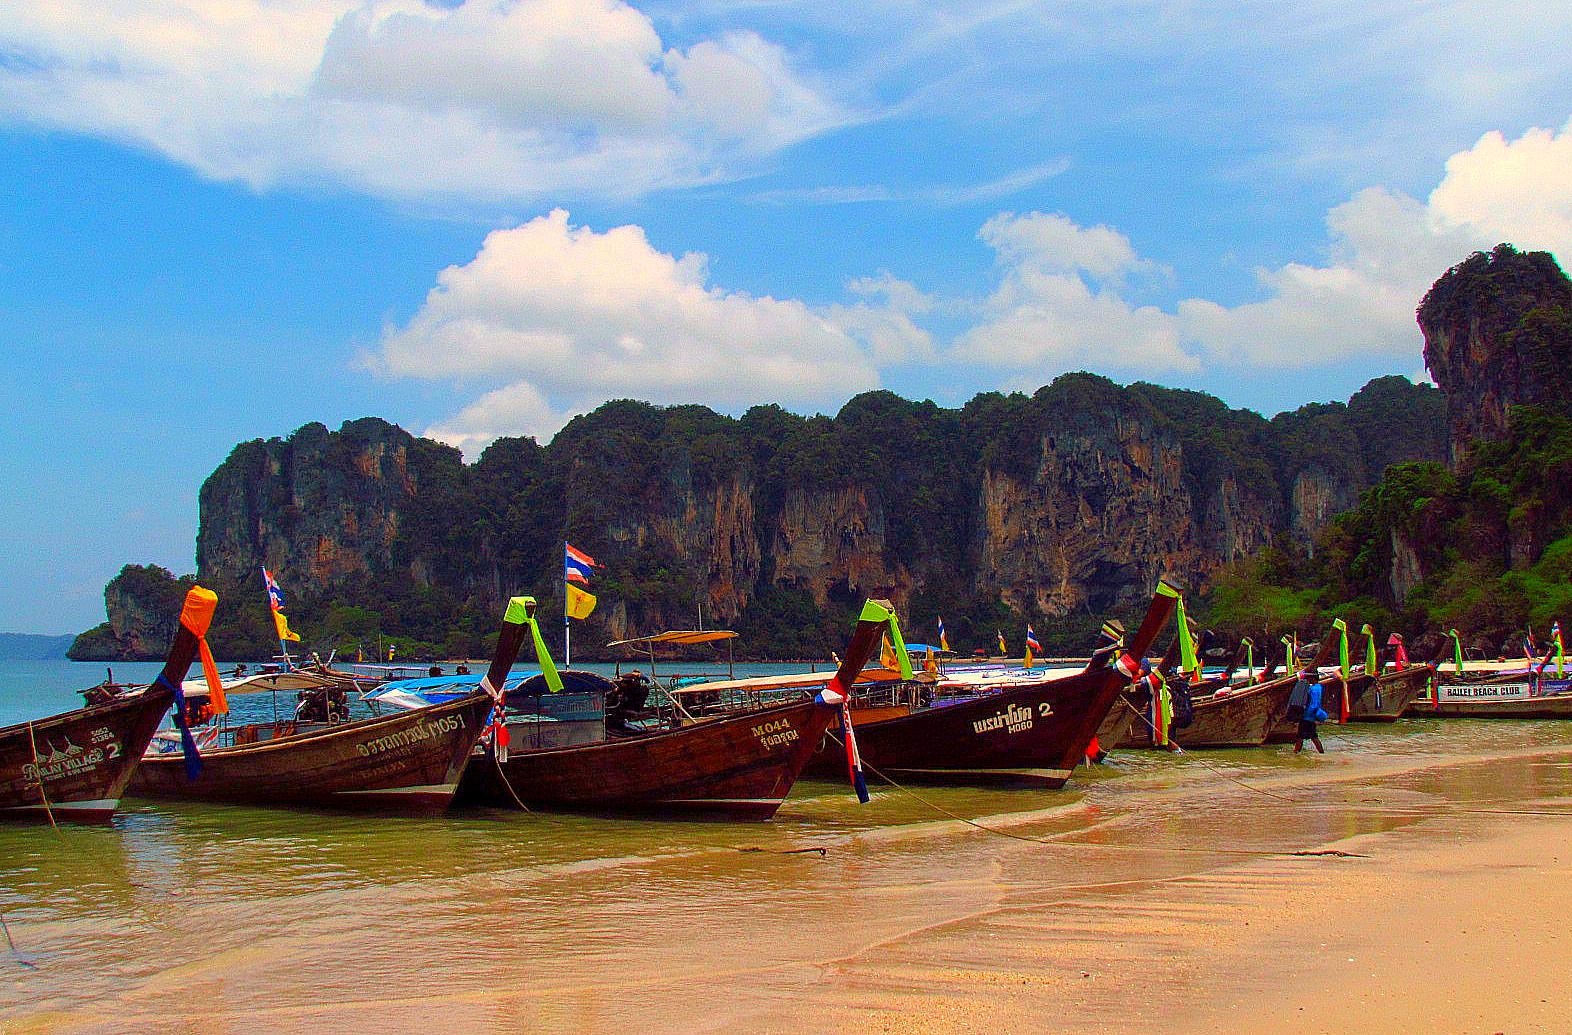 Railey Beach in der Provinz Krabi im Süden von Thailand